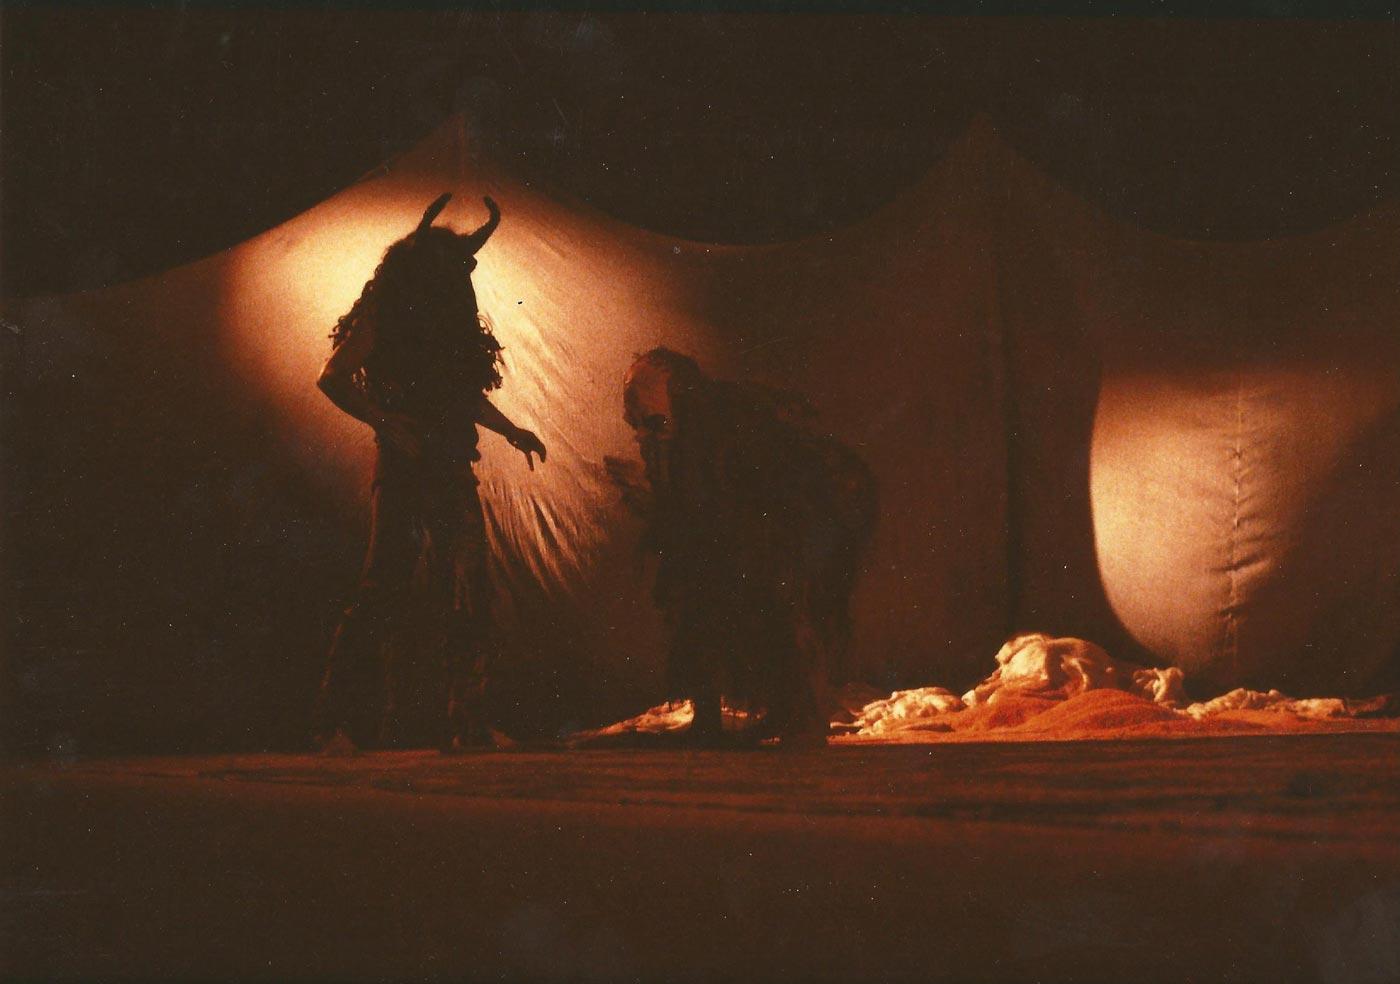 1983-la-bella-y-la-bestia-guirigai-fotos-01